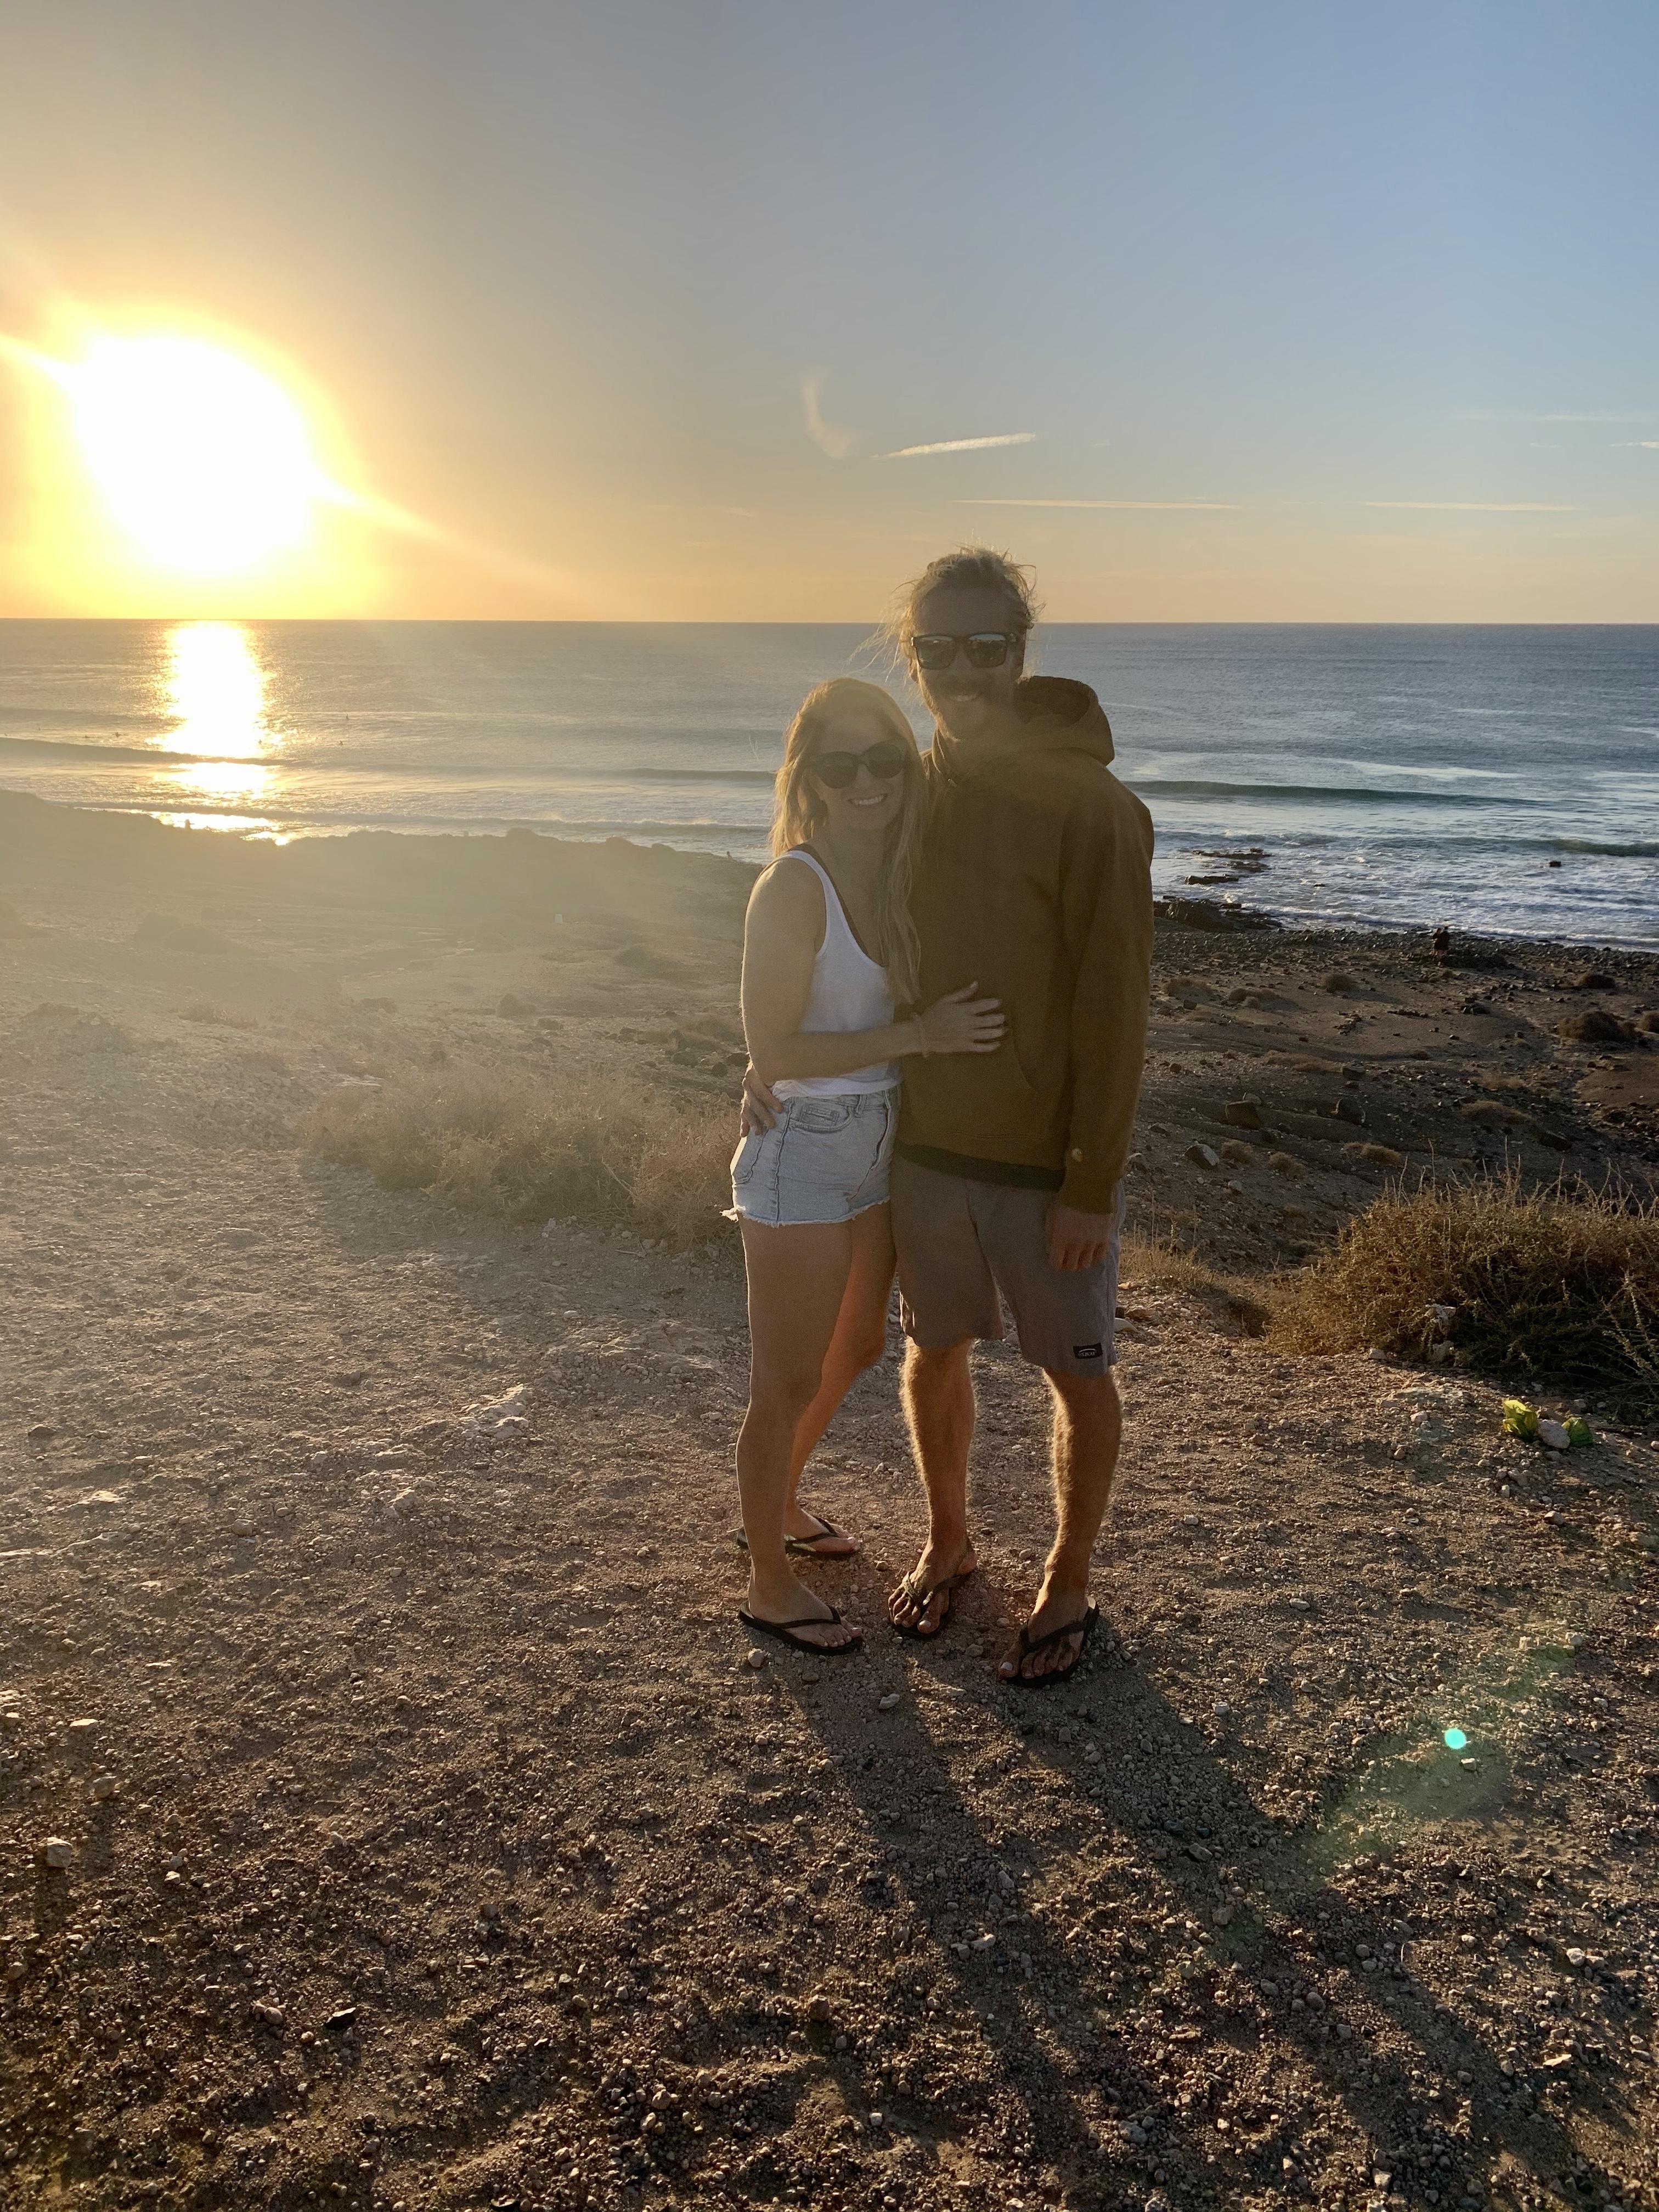 Sylvie & Seppi im Sonnenuntergang am Strand